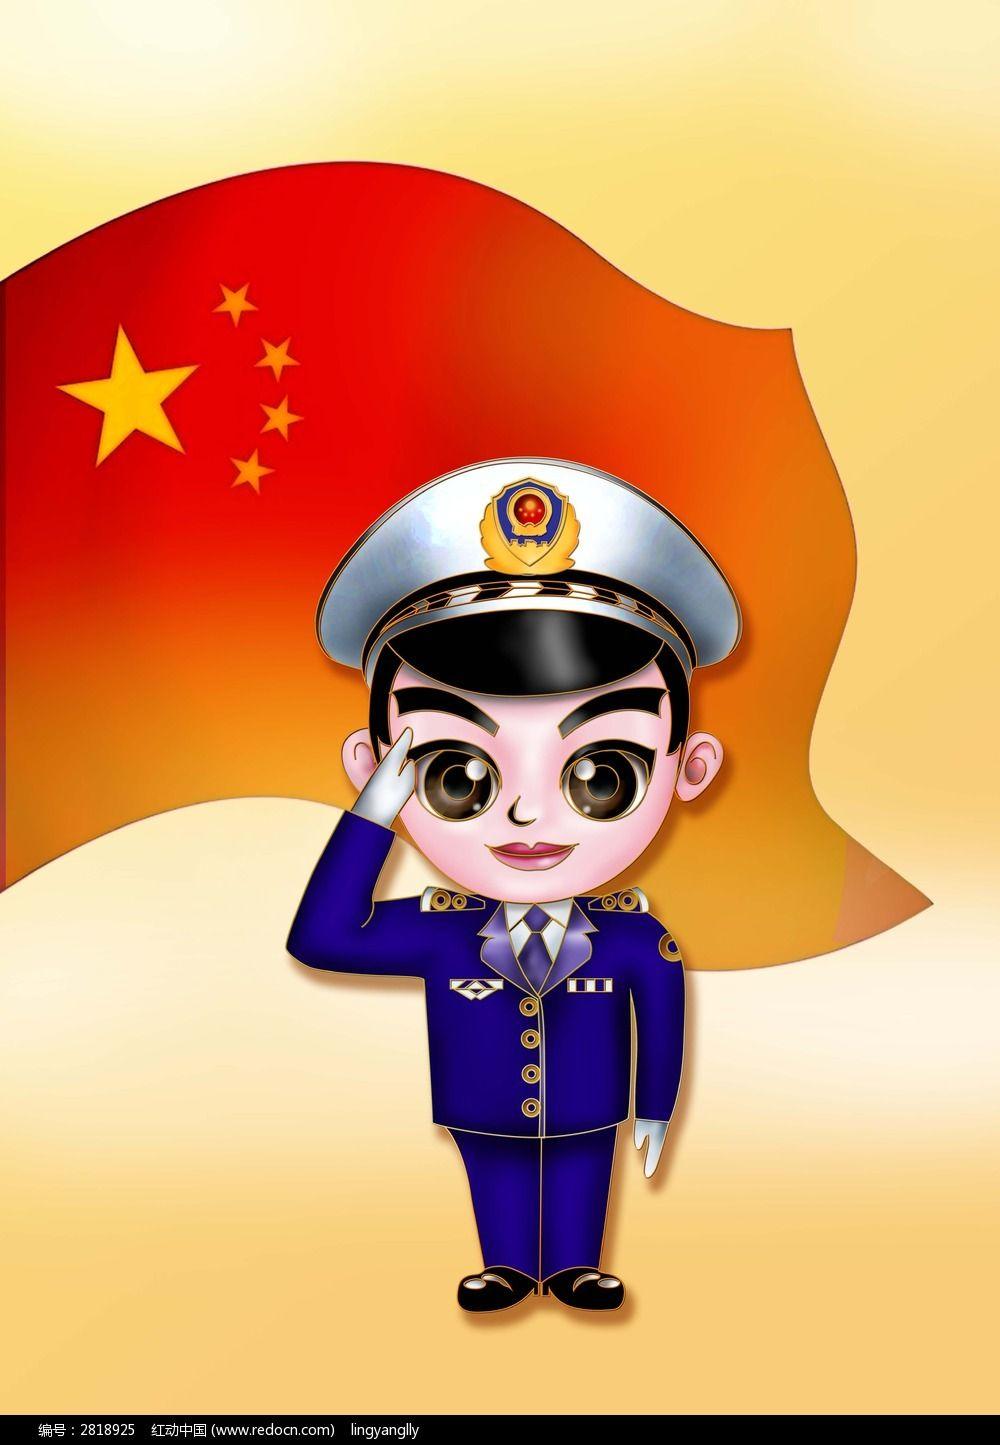 漫画警察人物_卡通素材/插画/微卡通图片素材丽热巴的迪漫画图片图片